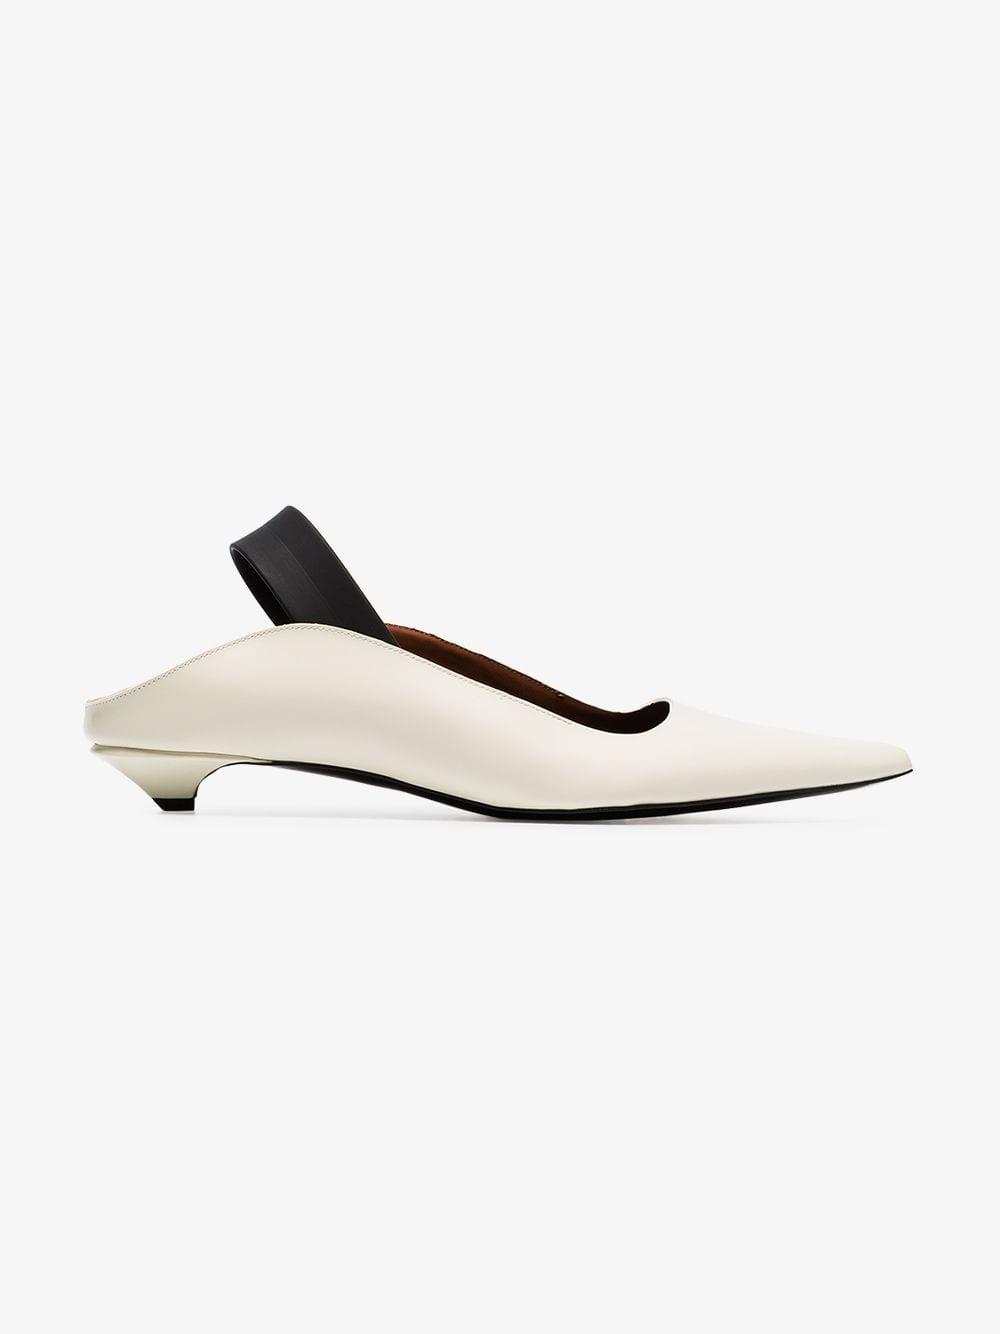 Proenza Schouler Slingback Pumps in white